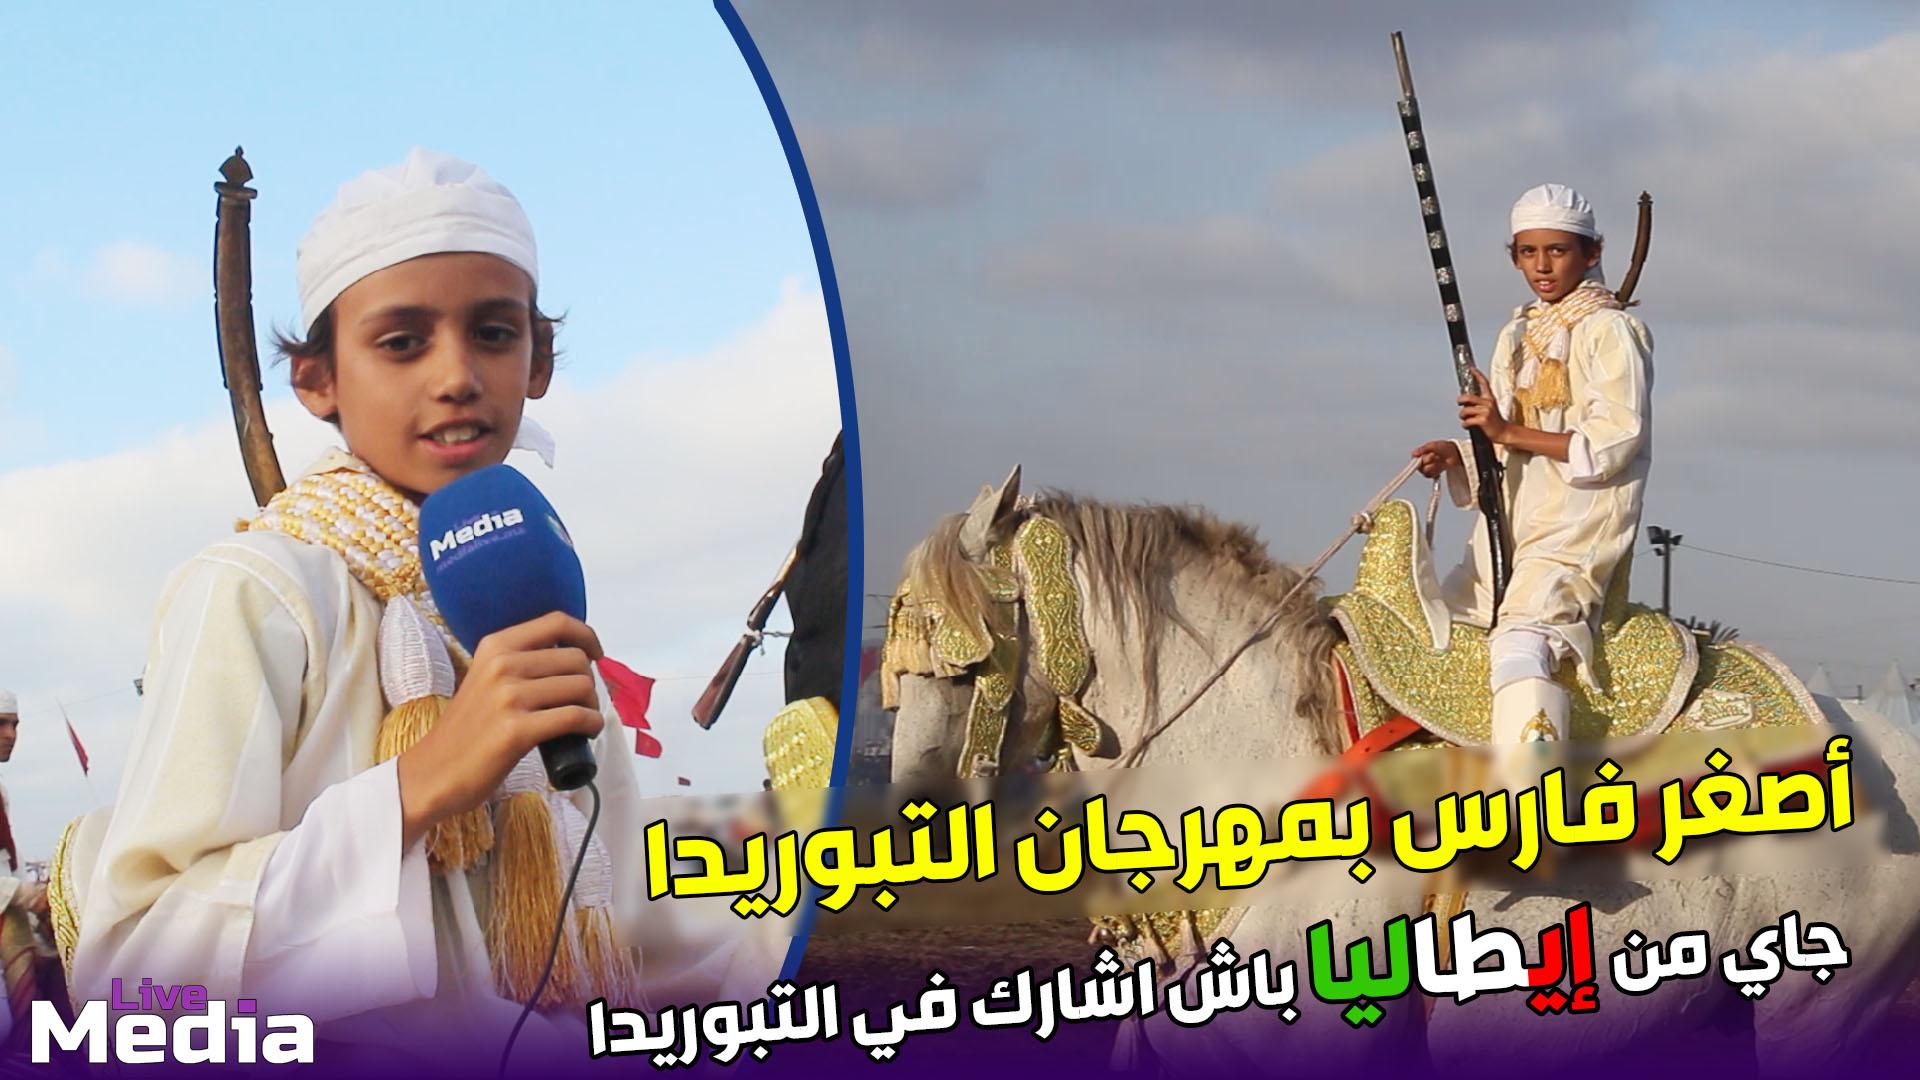 تبارك الله .. اصغر فارس جاي من ايطاليا باش اشارك في مهرجان التبورديا  بنواحي الدار البيضاء